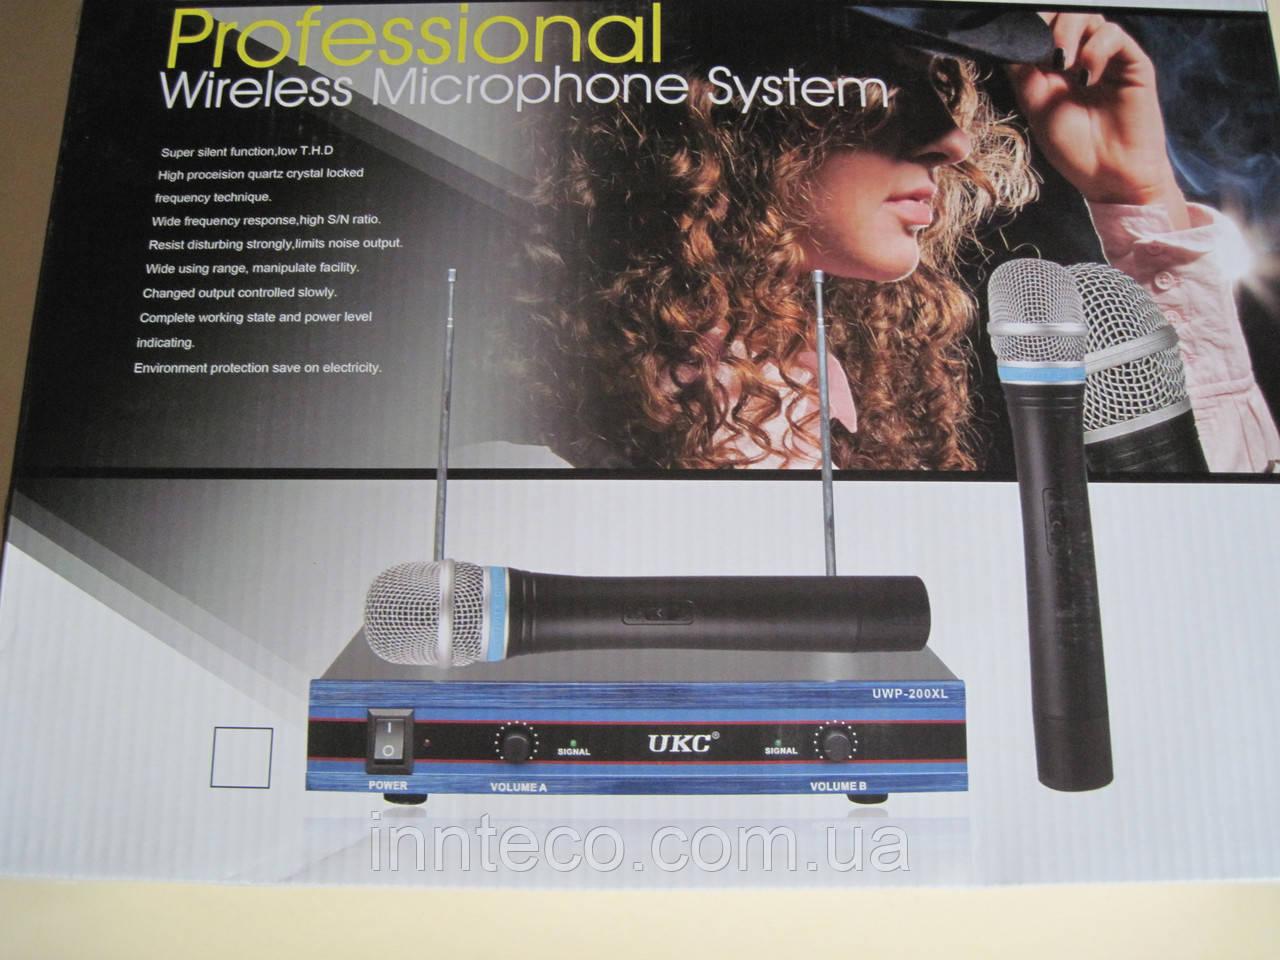 Профессиональная радиосистема  для вокала,караоке,проведения вечеринок UKC DM UWP-200 XL / База + 2 микрофона  - INNTECO в Киеве